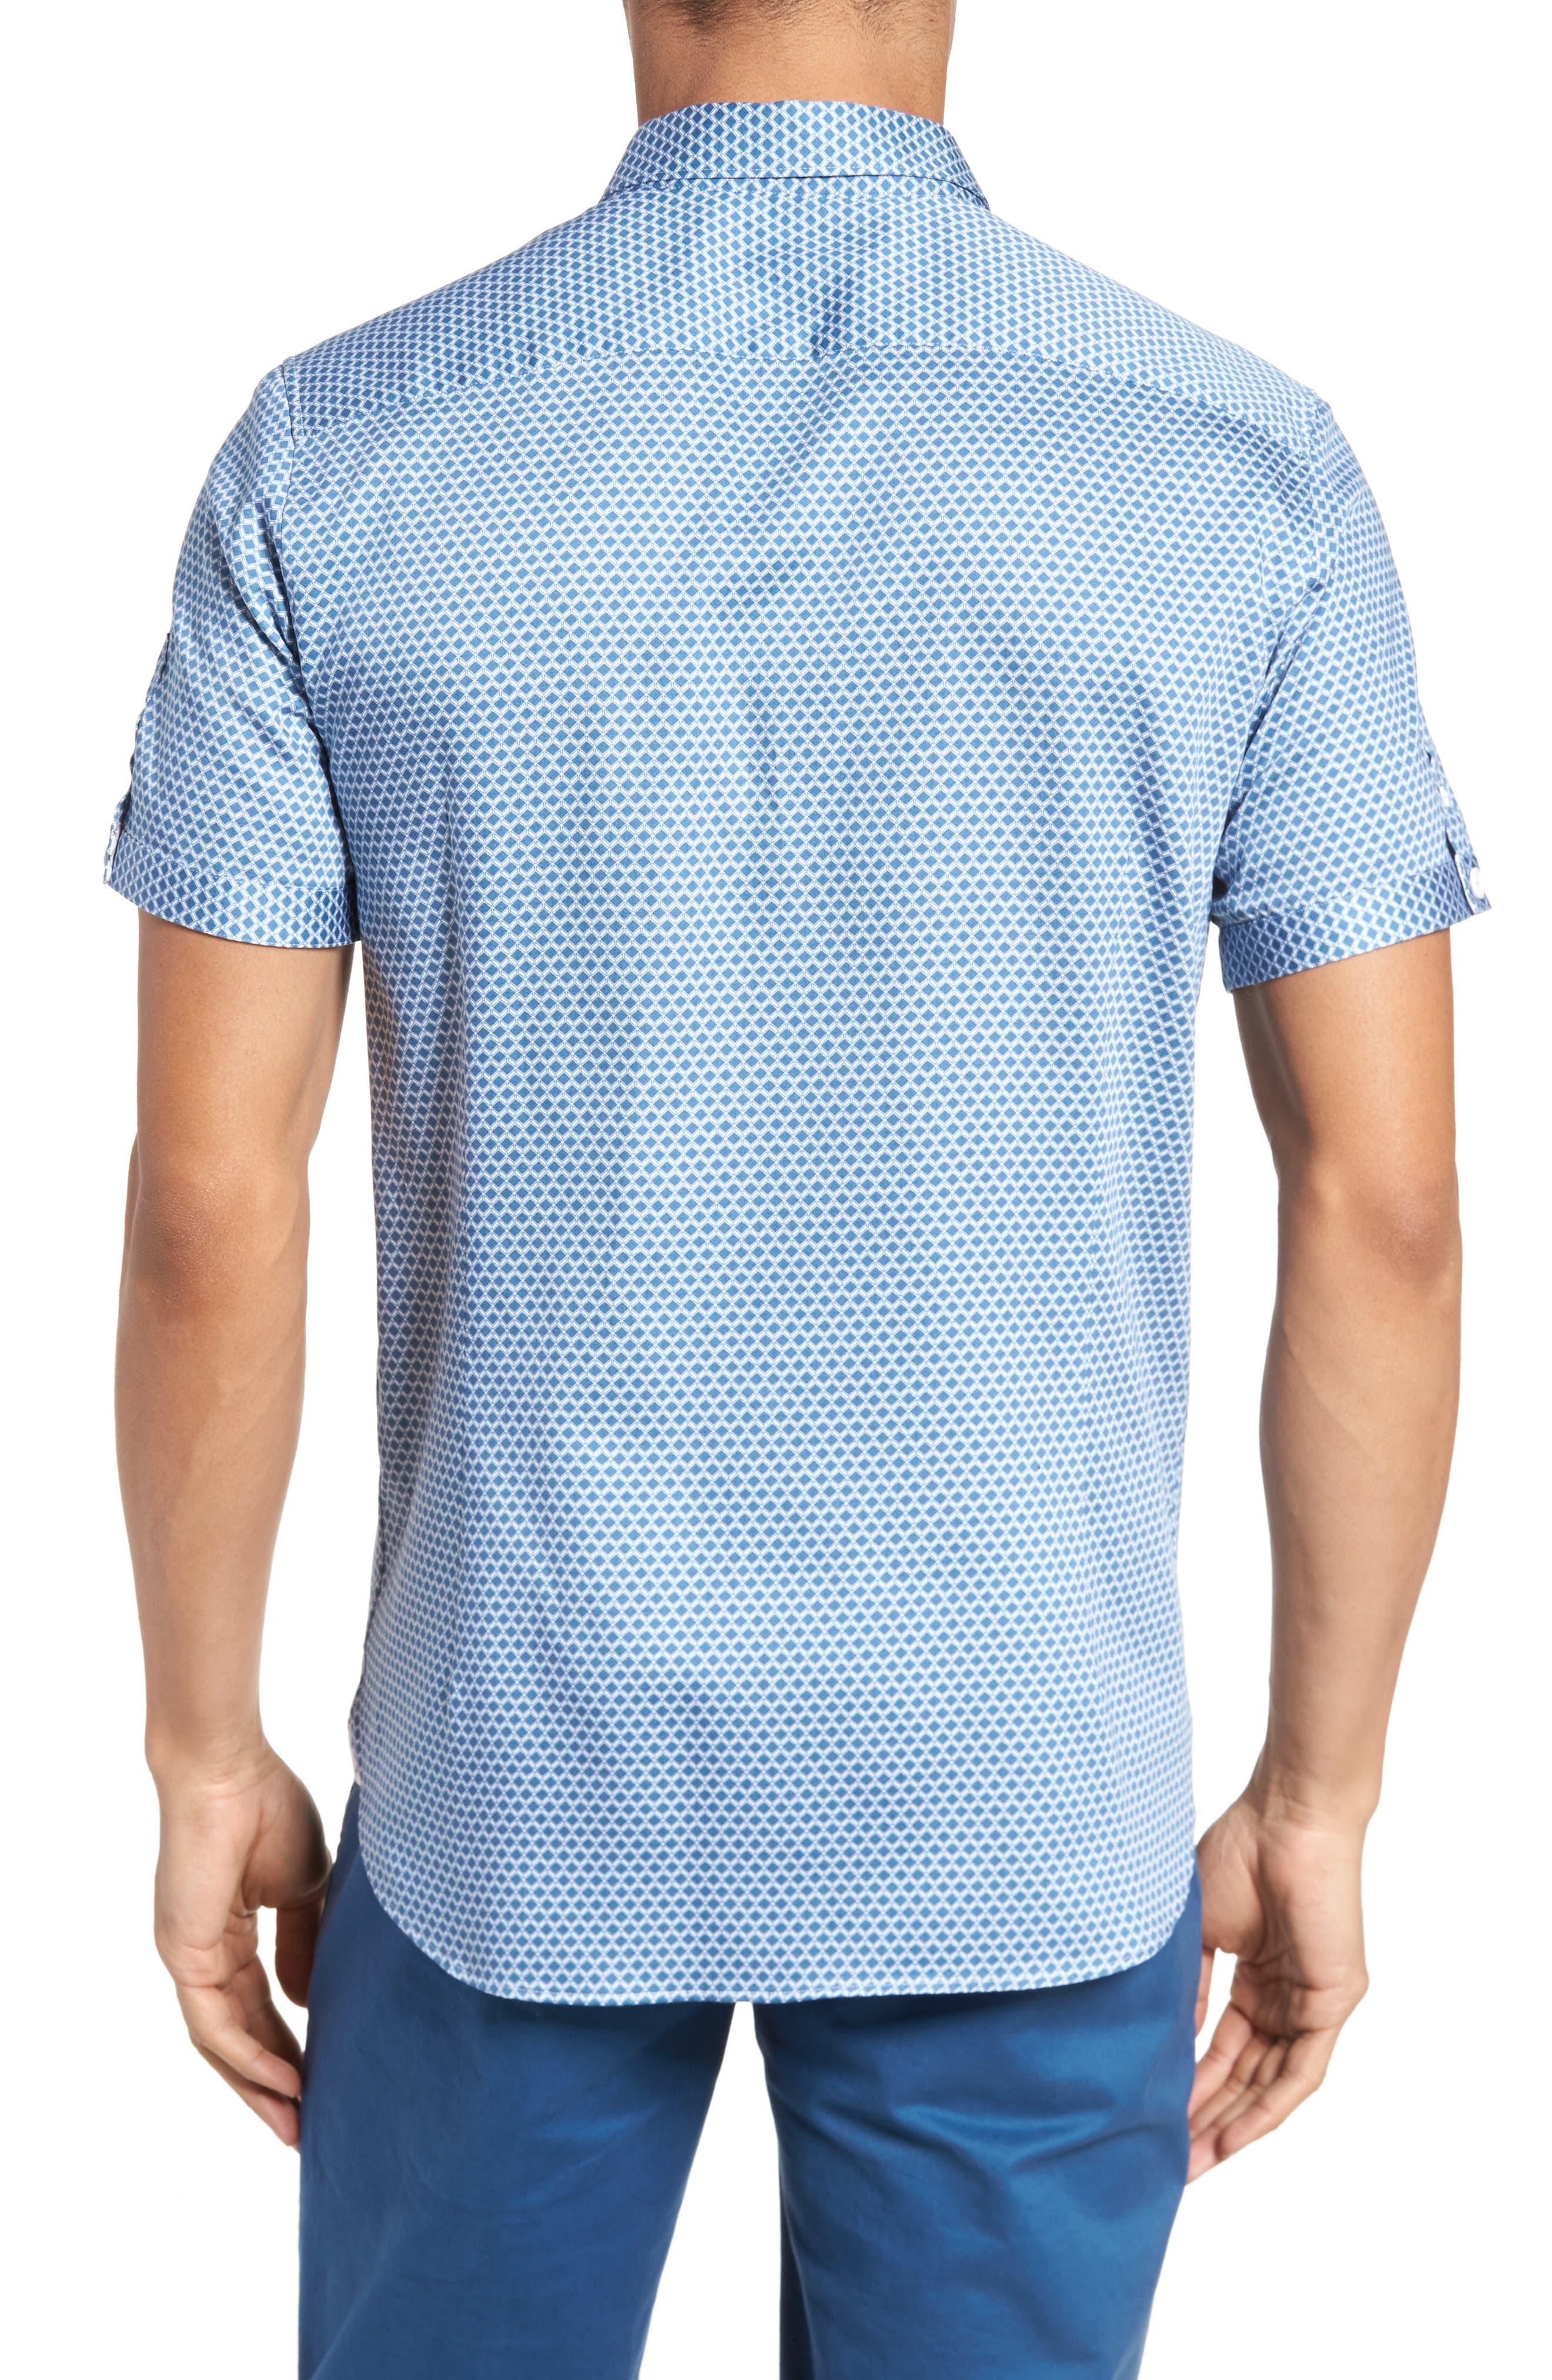 Gudvutt Short Sleeve Sport Shirt,                             Alternate thumbnail 2, color,                             400